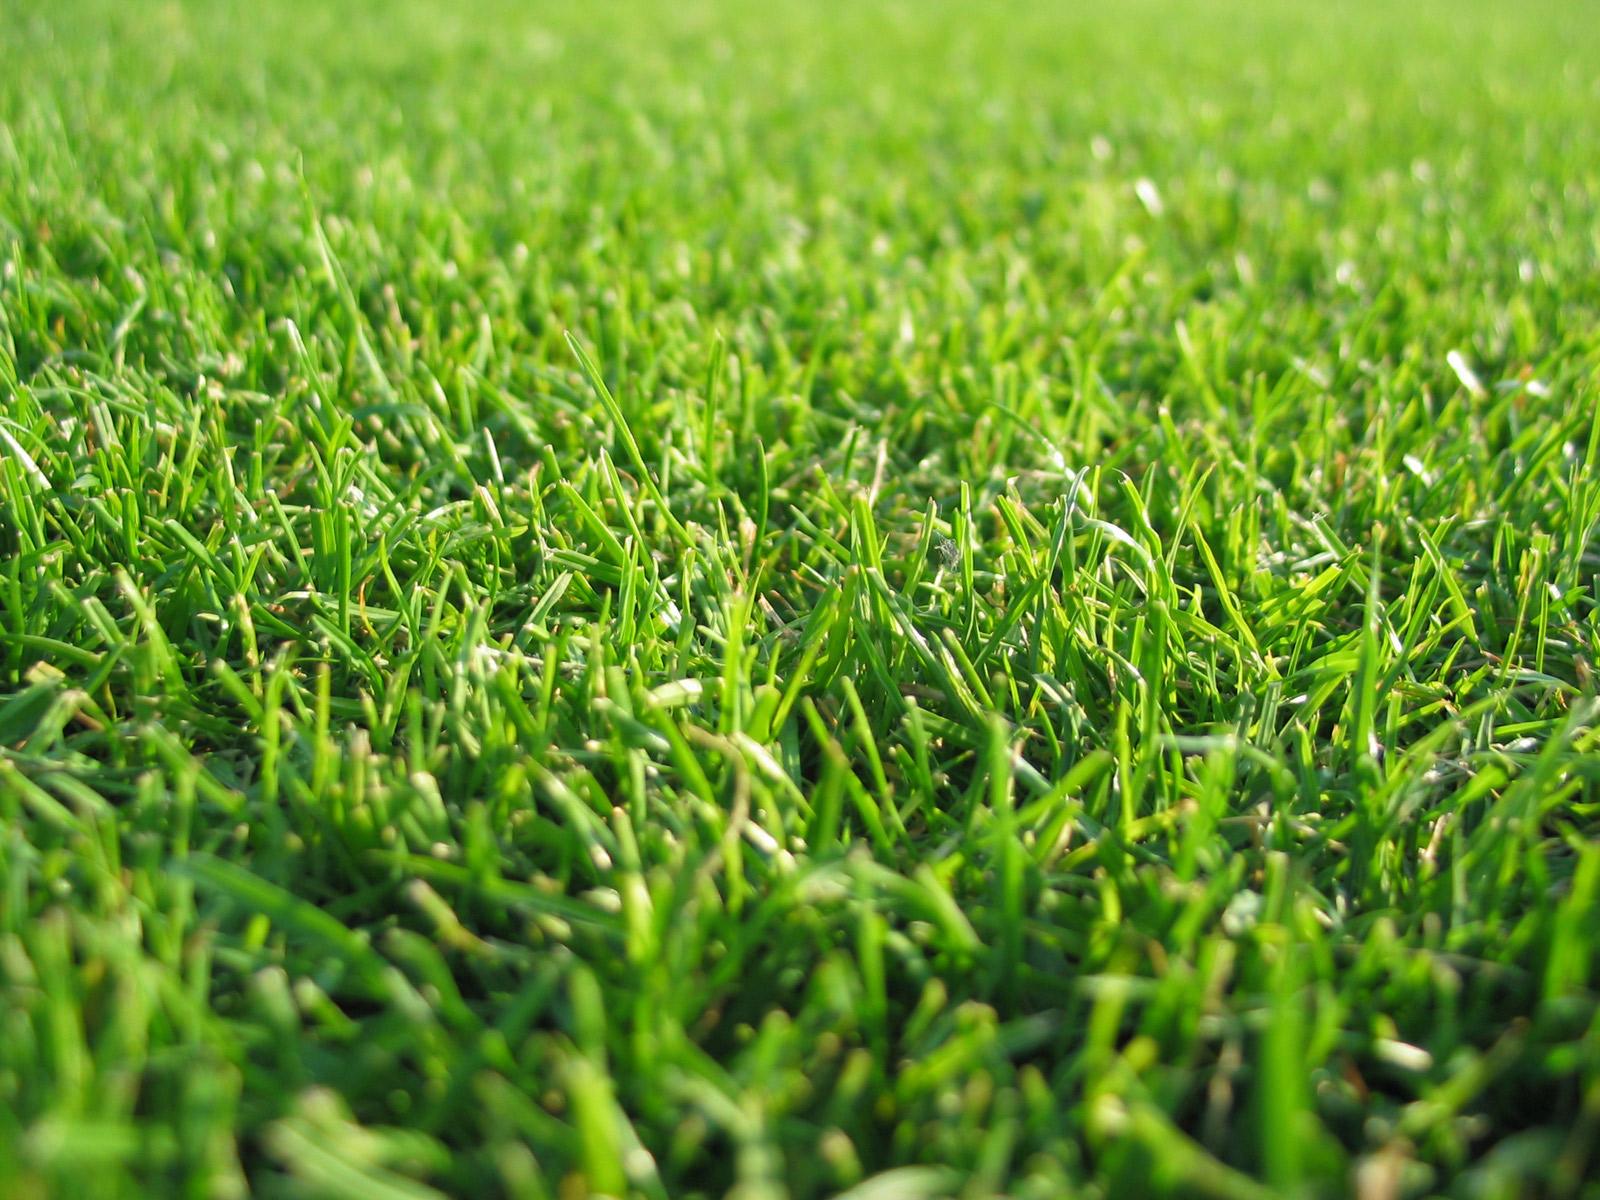 http://3.bp.blogspot.com/-EQApFqszaHg/Te7aZ5F3vyI/AAAAAAAACqA/Jtzc2gbOu3s/s1600/grass%2Bwallpaper%2B5.jpg